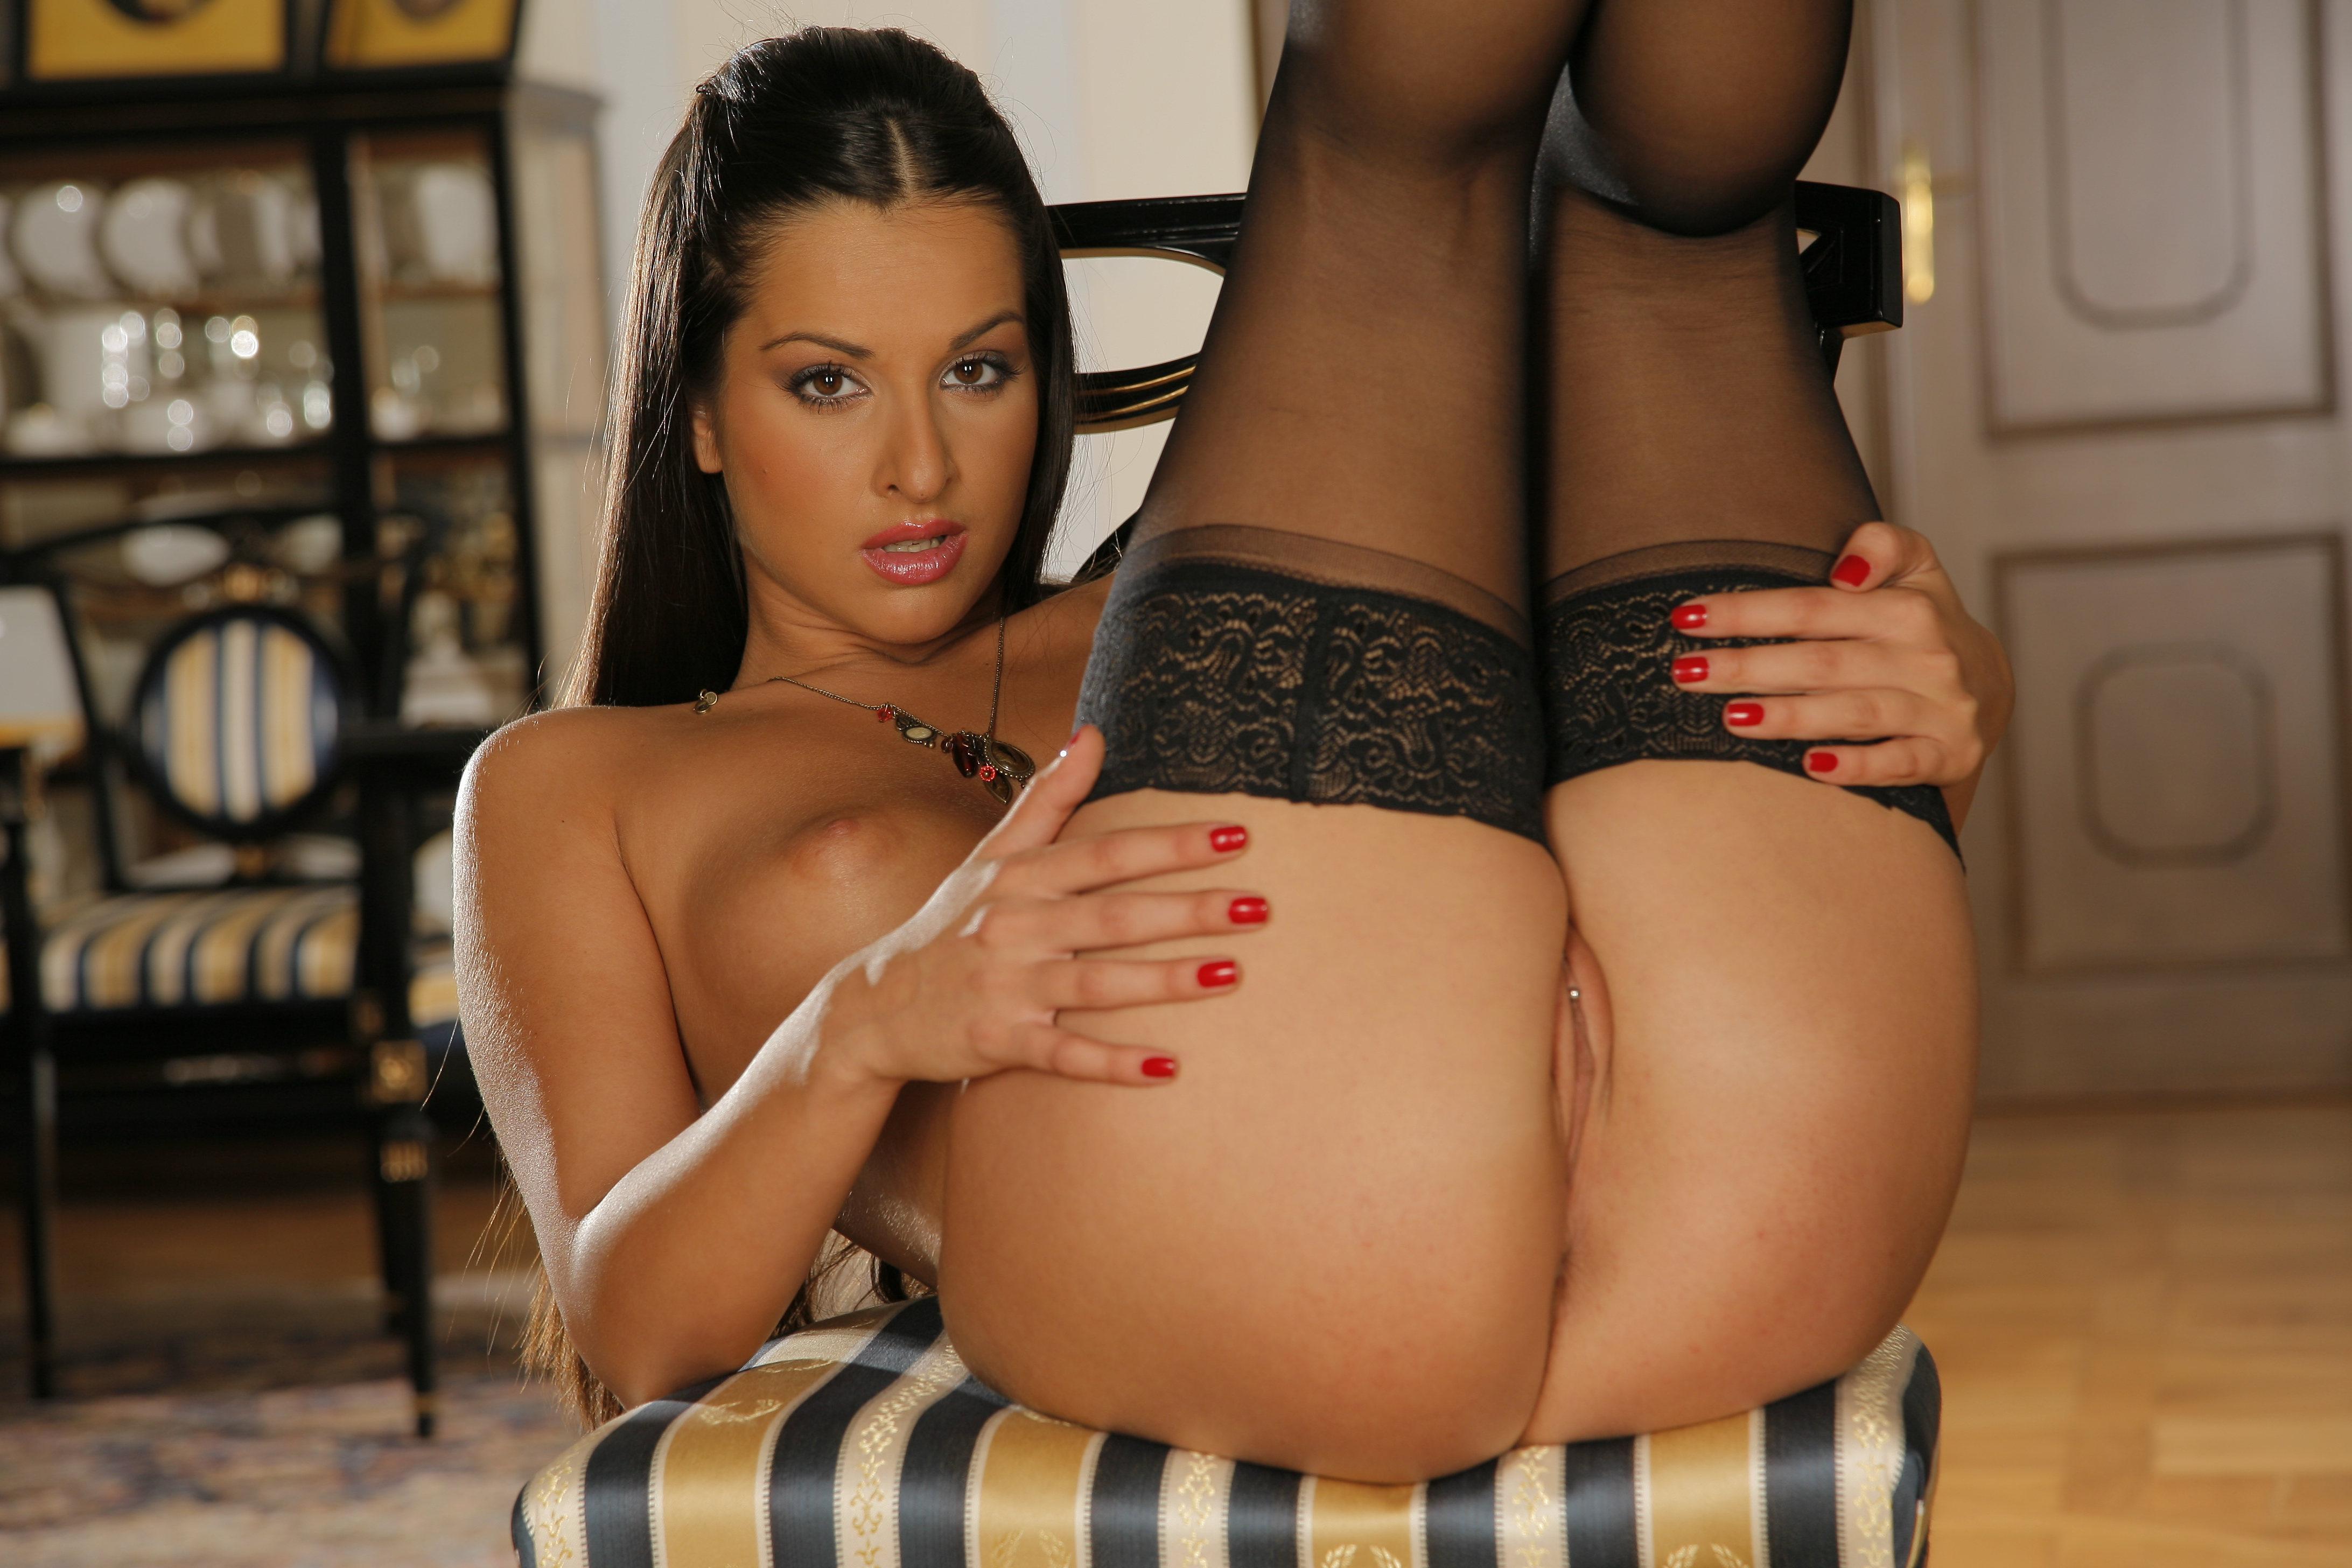 russia girl nude